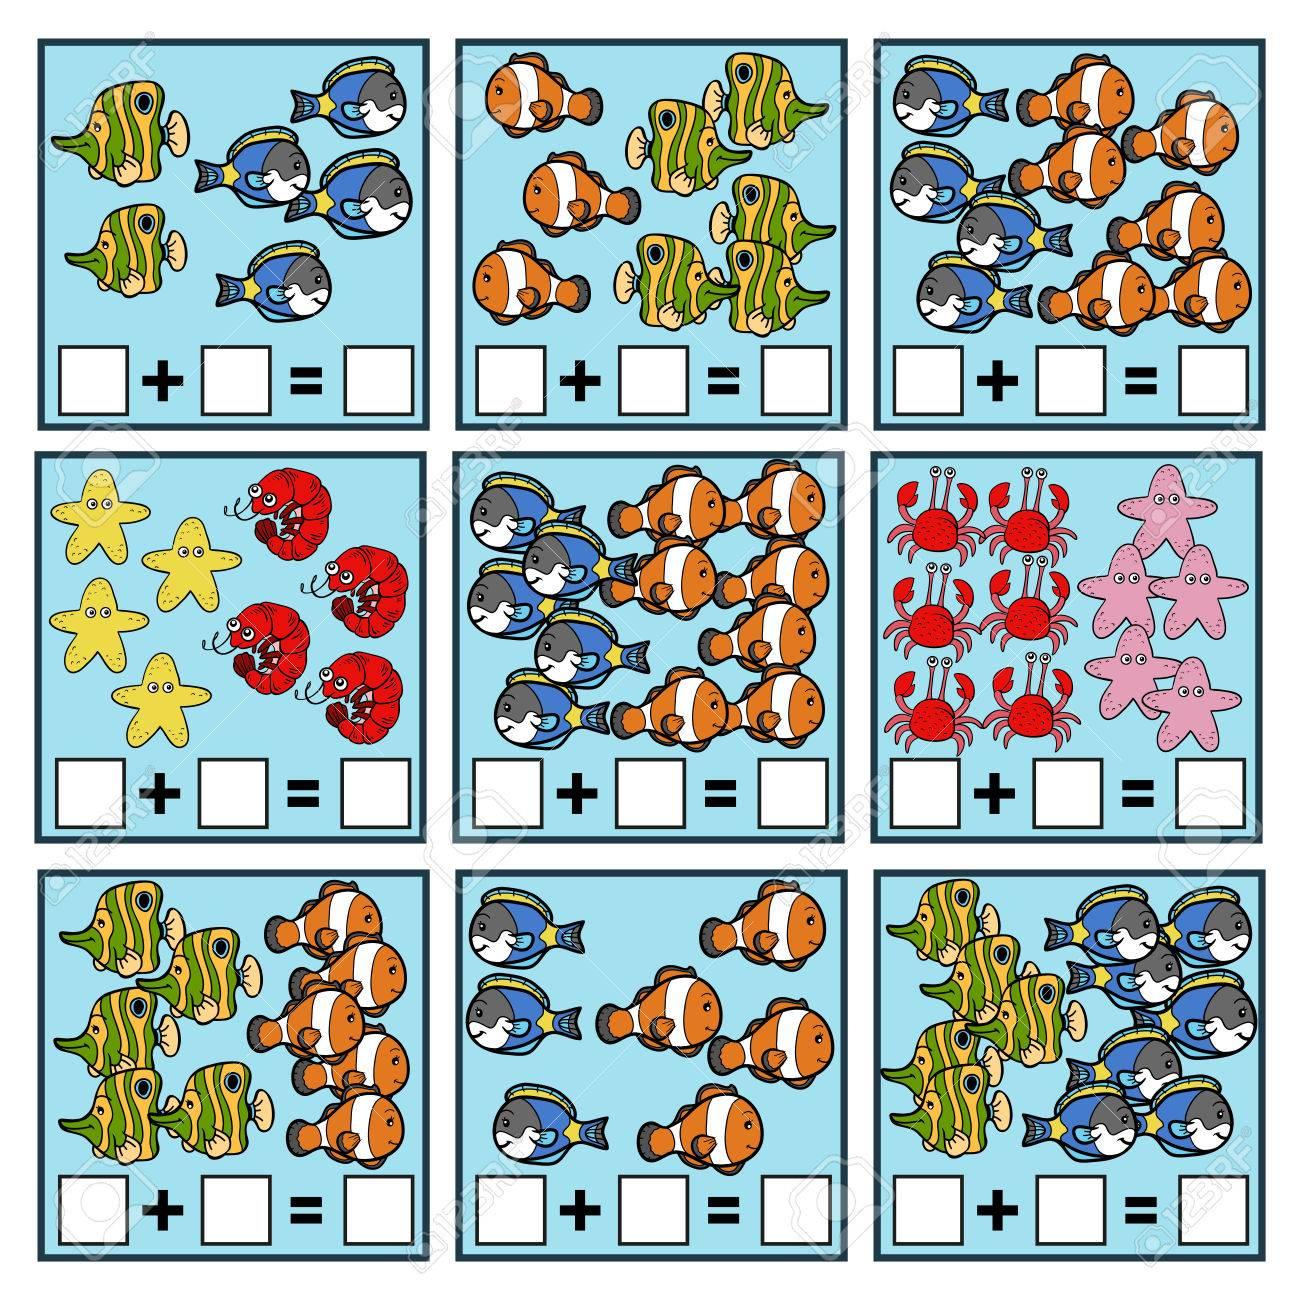 Zählen Spiel Für Vorschulkinder. Educational Ein Mathematisches ...